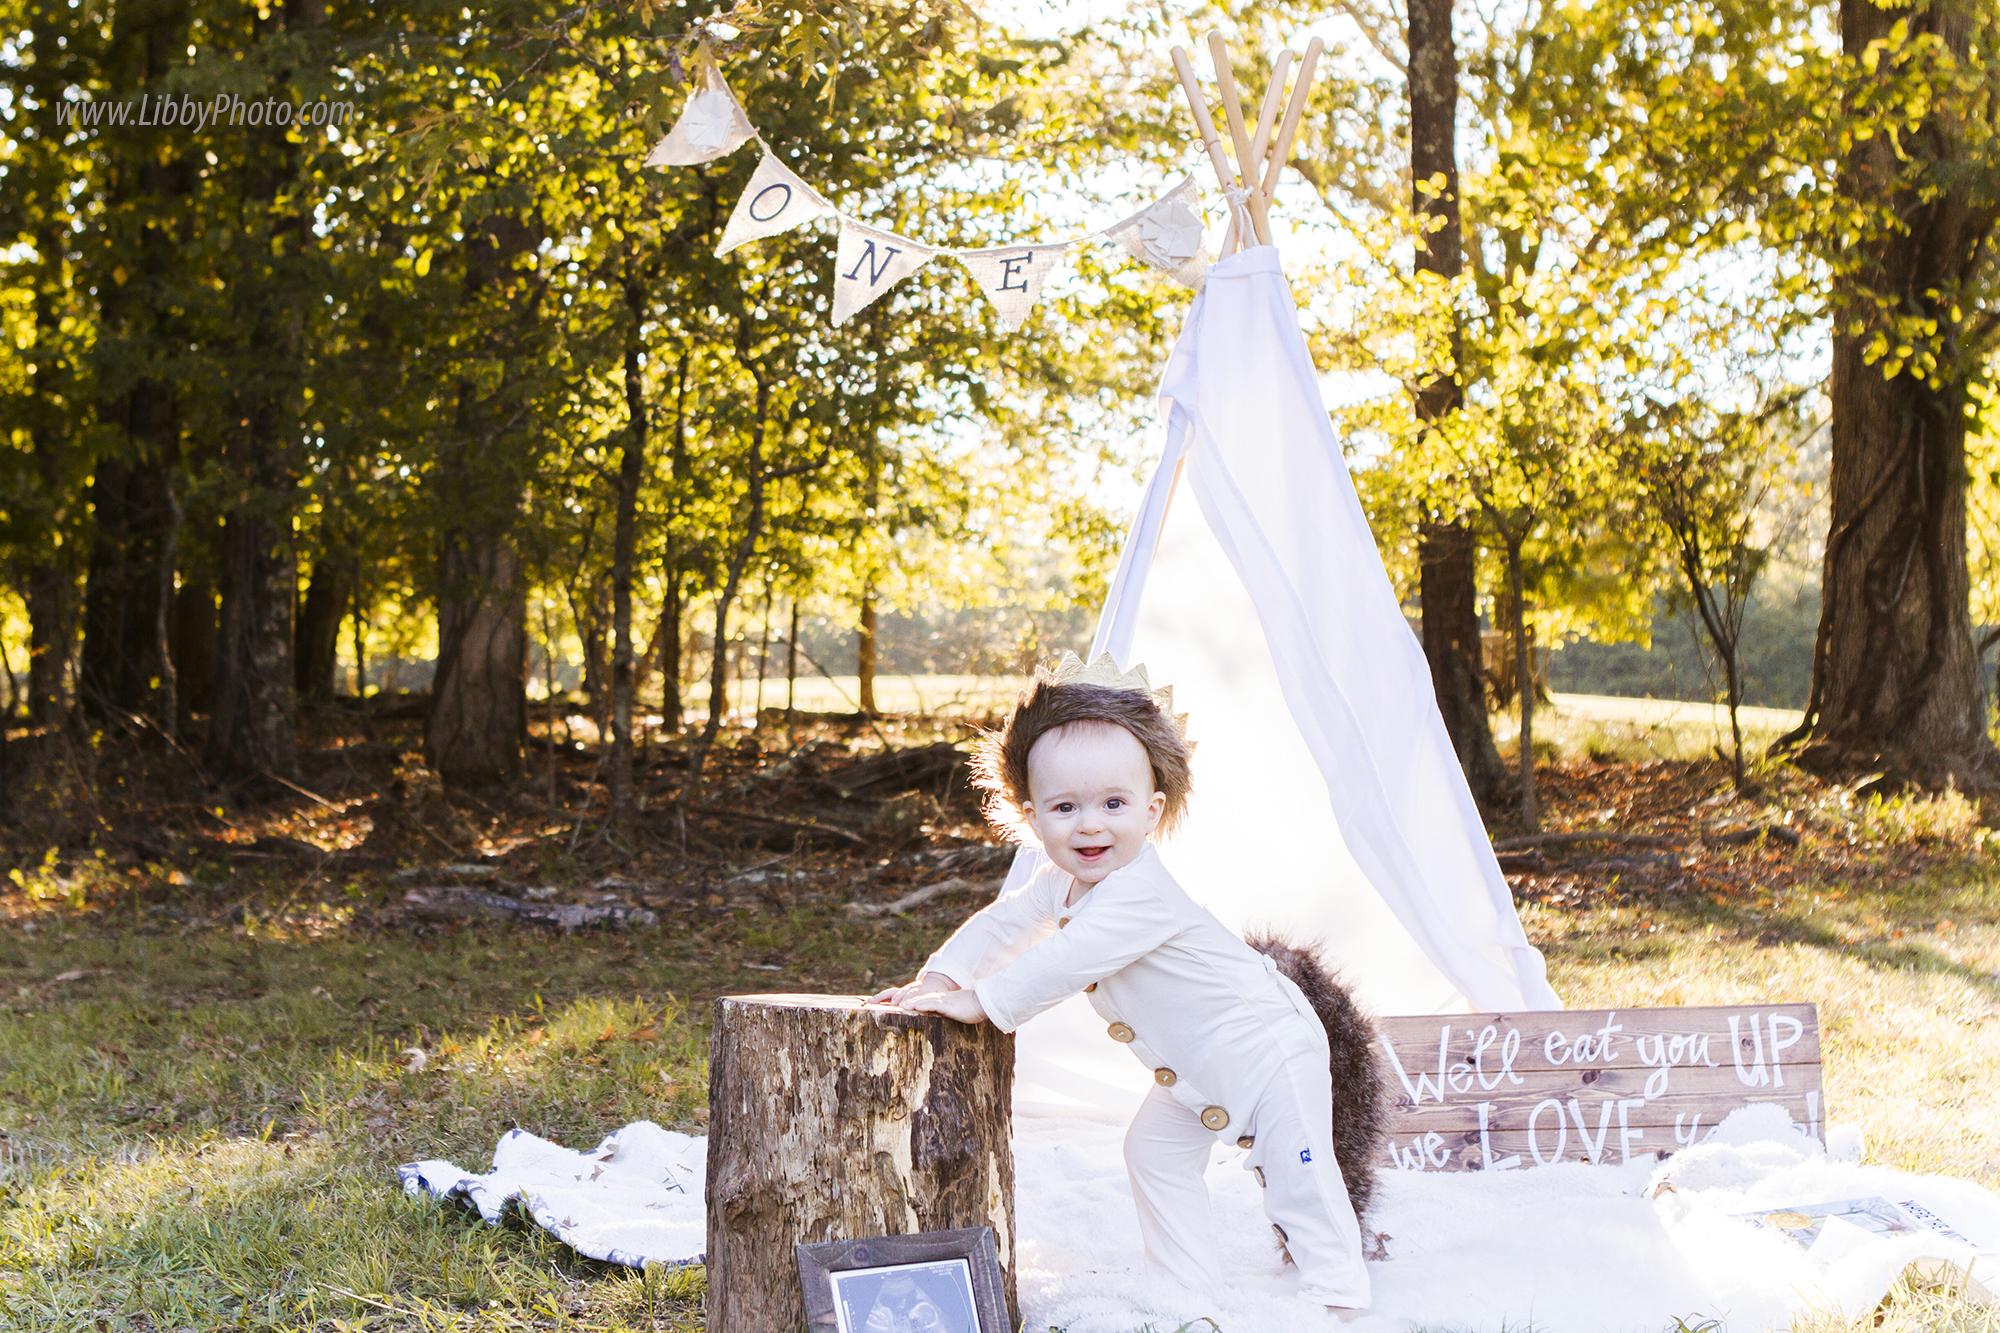 Atlanta family photography Libbyphoto 10 (3).jpg